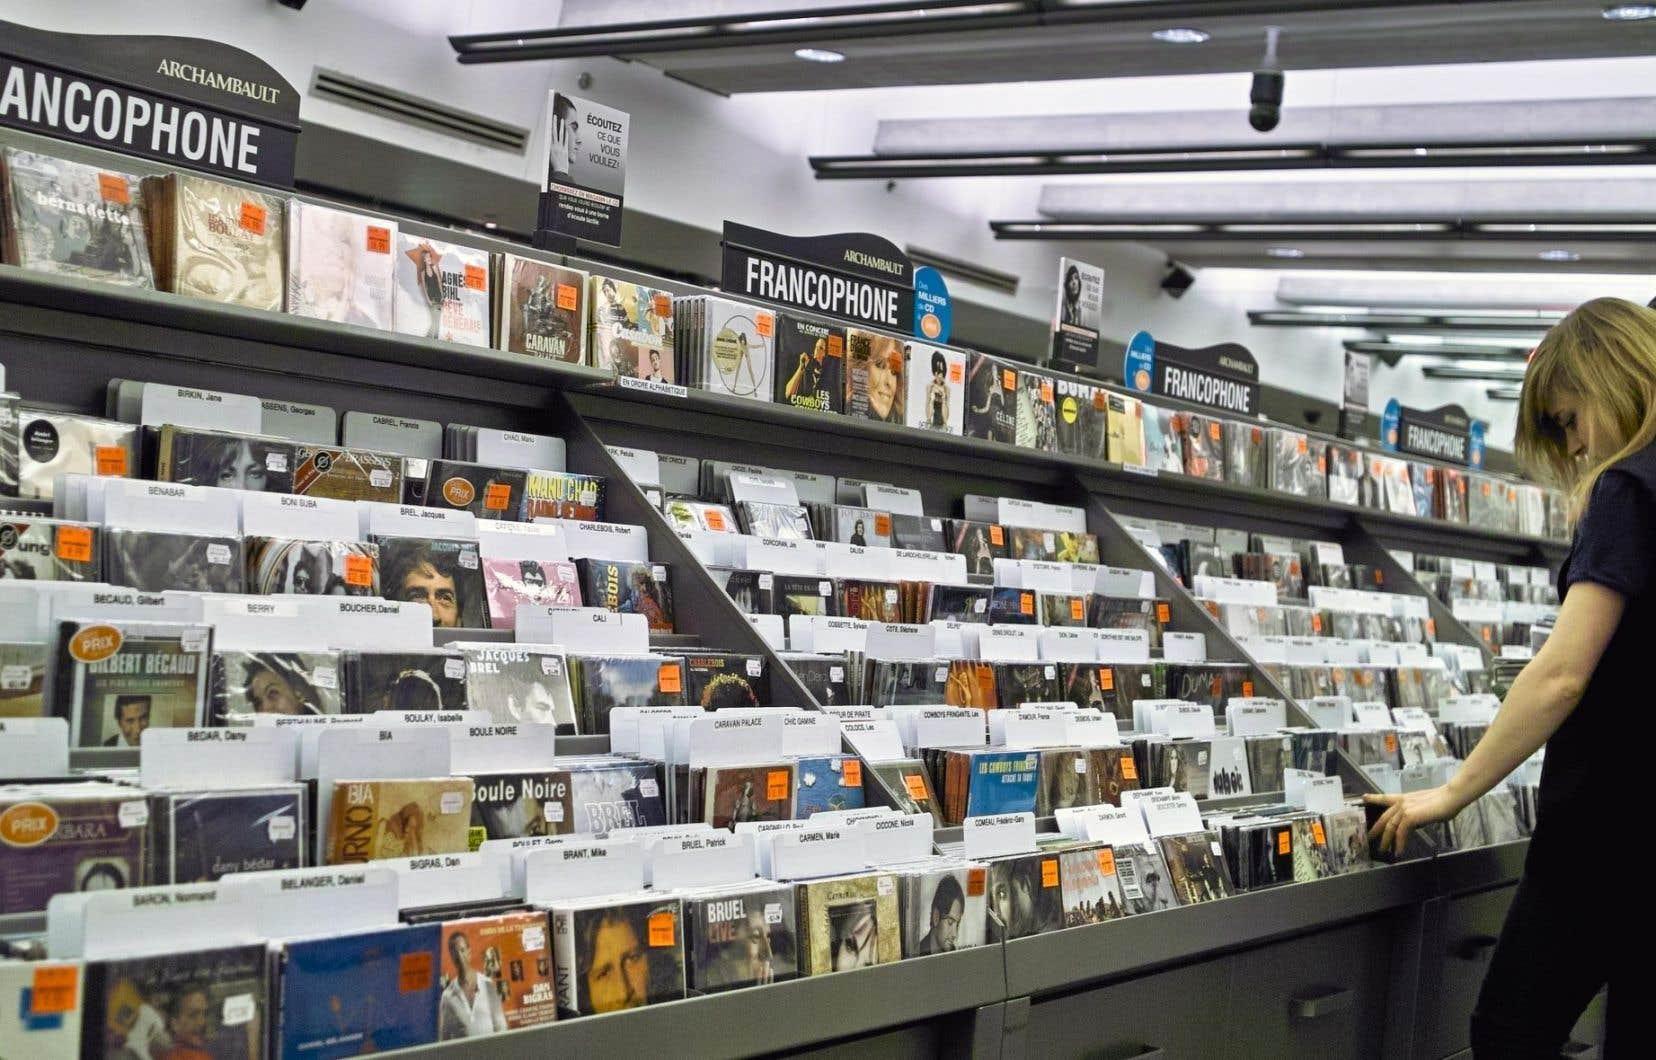 Durant les six premiers mois de 2016 aux États-Unis, les ventes globales d'albums ont reculé de 16,9%.